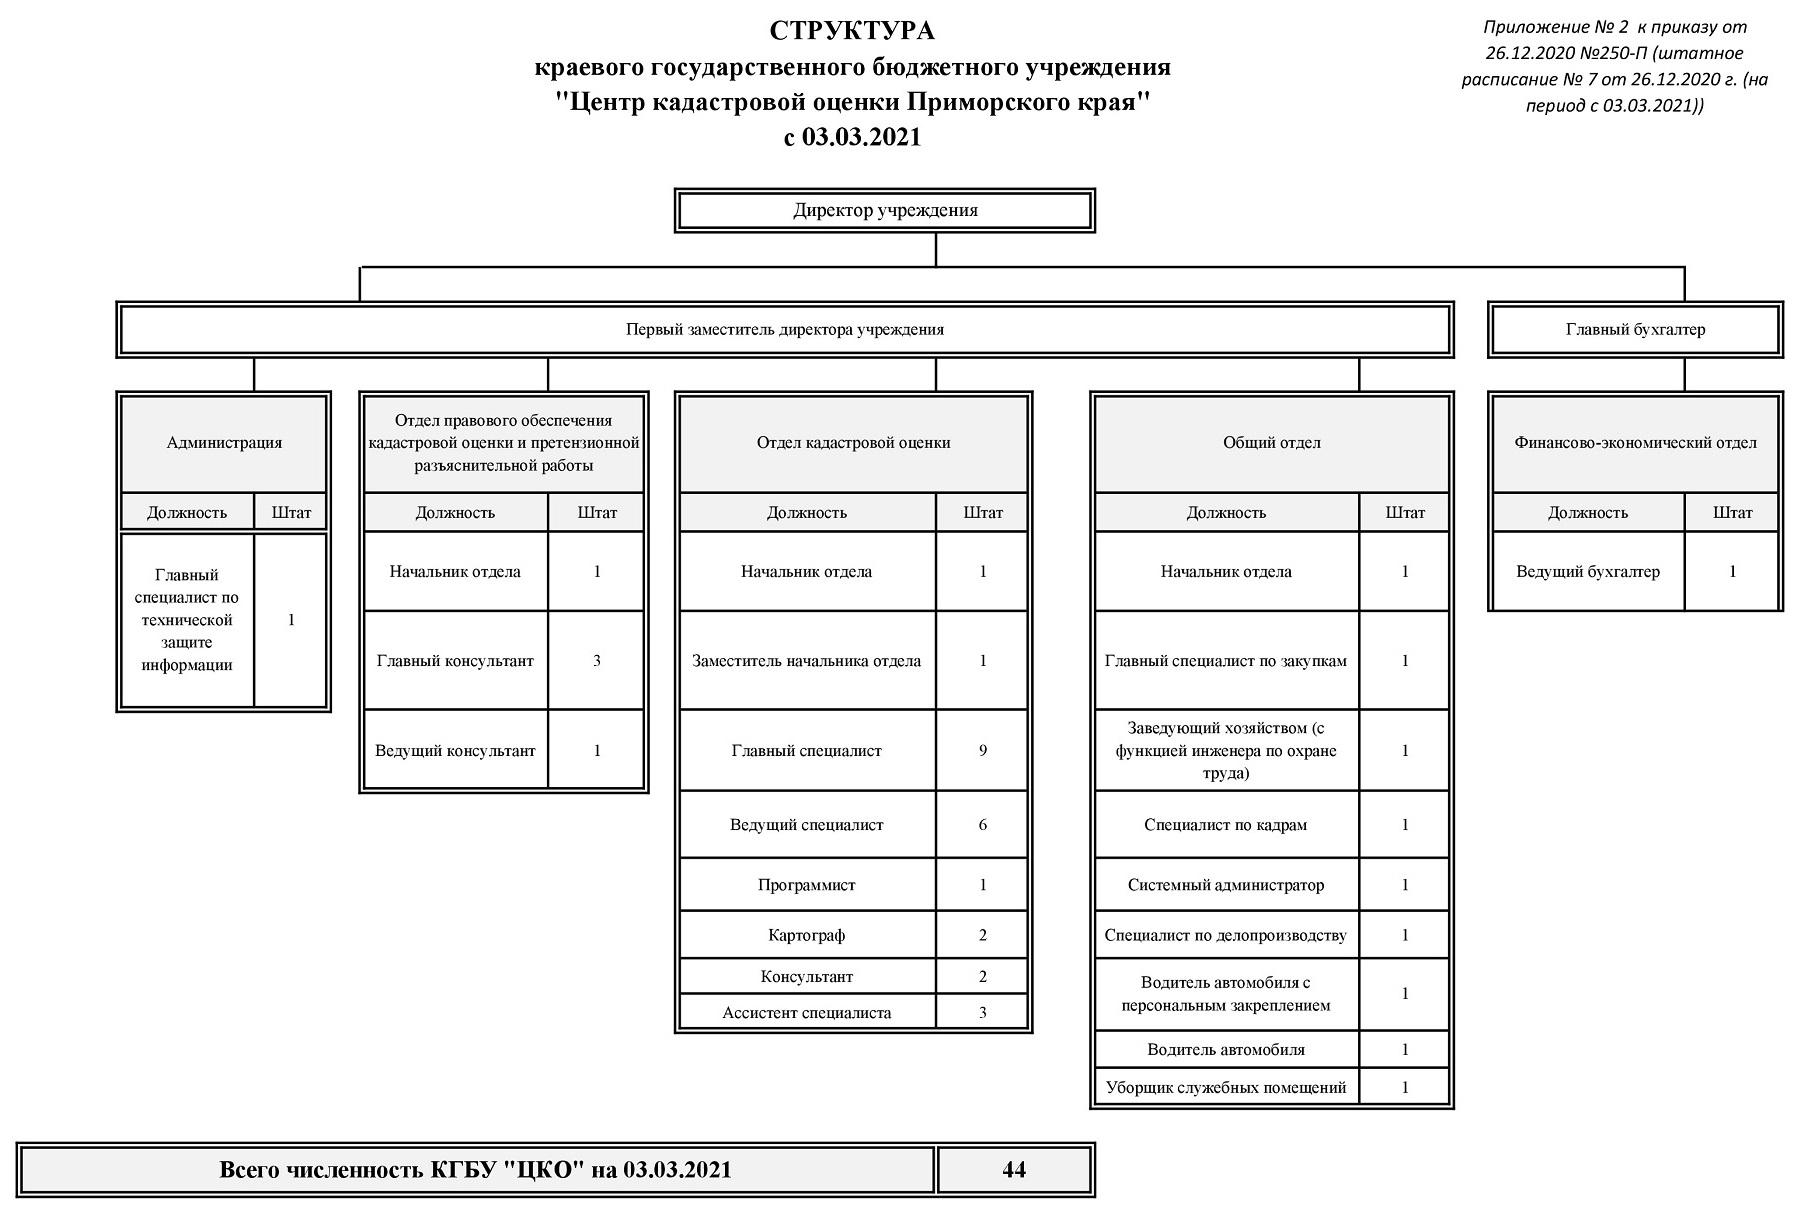 Структура ЦКО с 03.03.2021 ШР № 7 от 26.12.2020